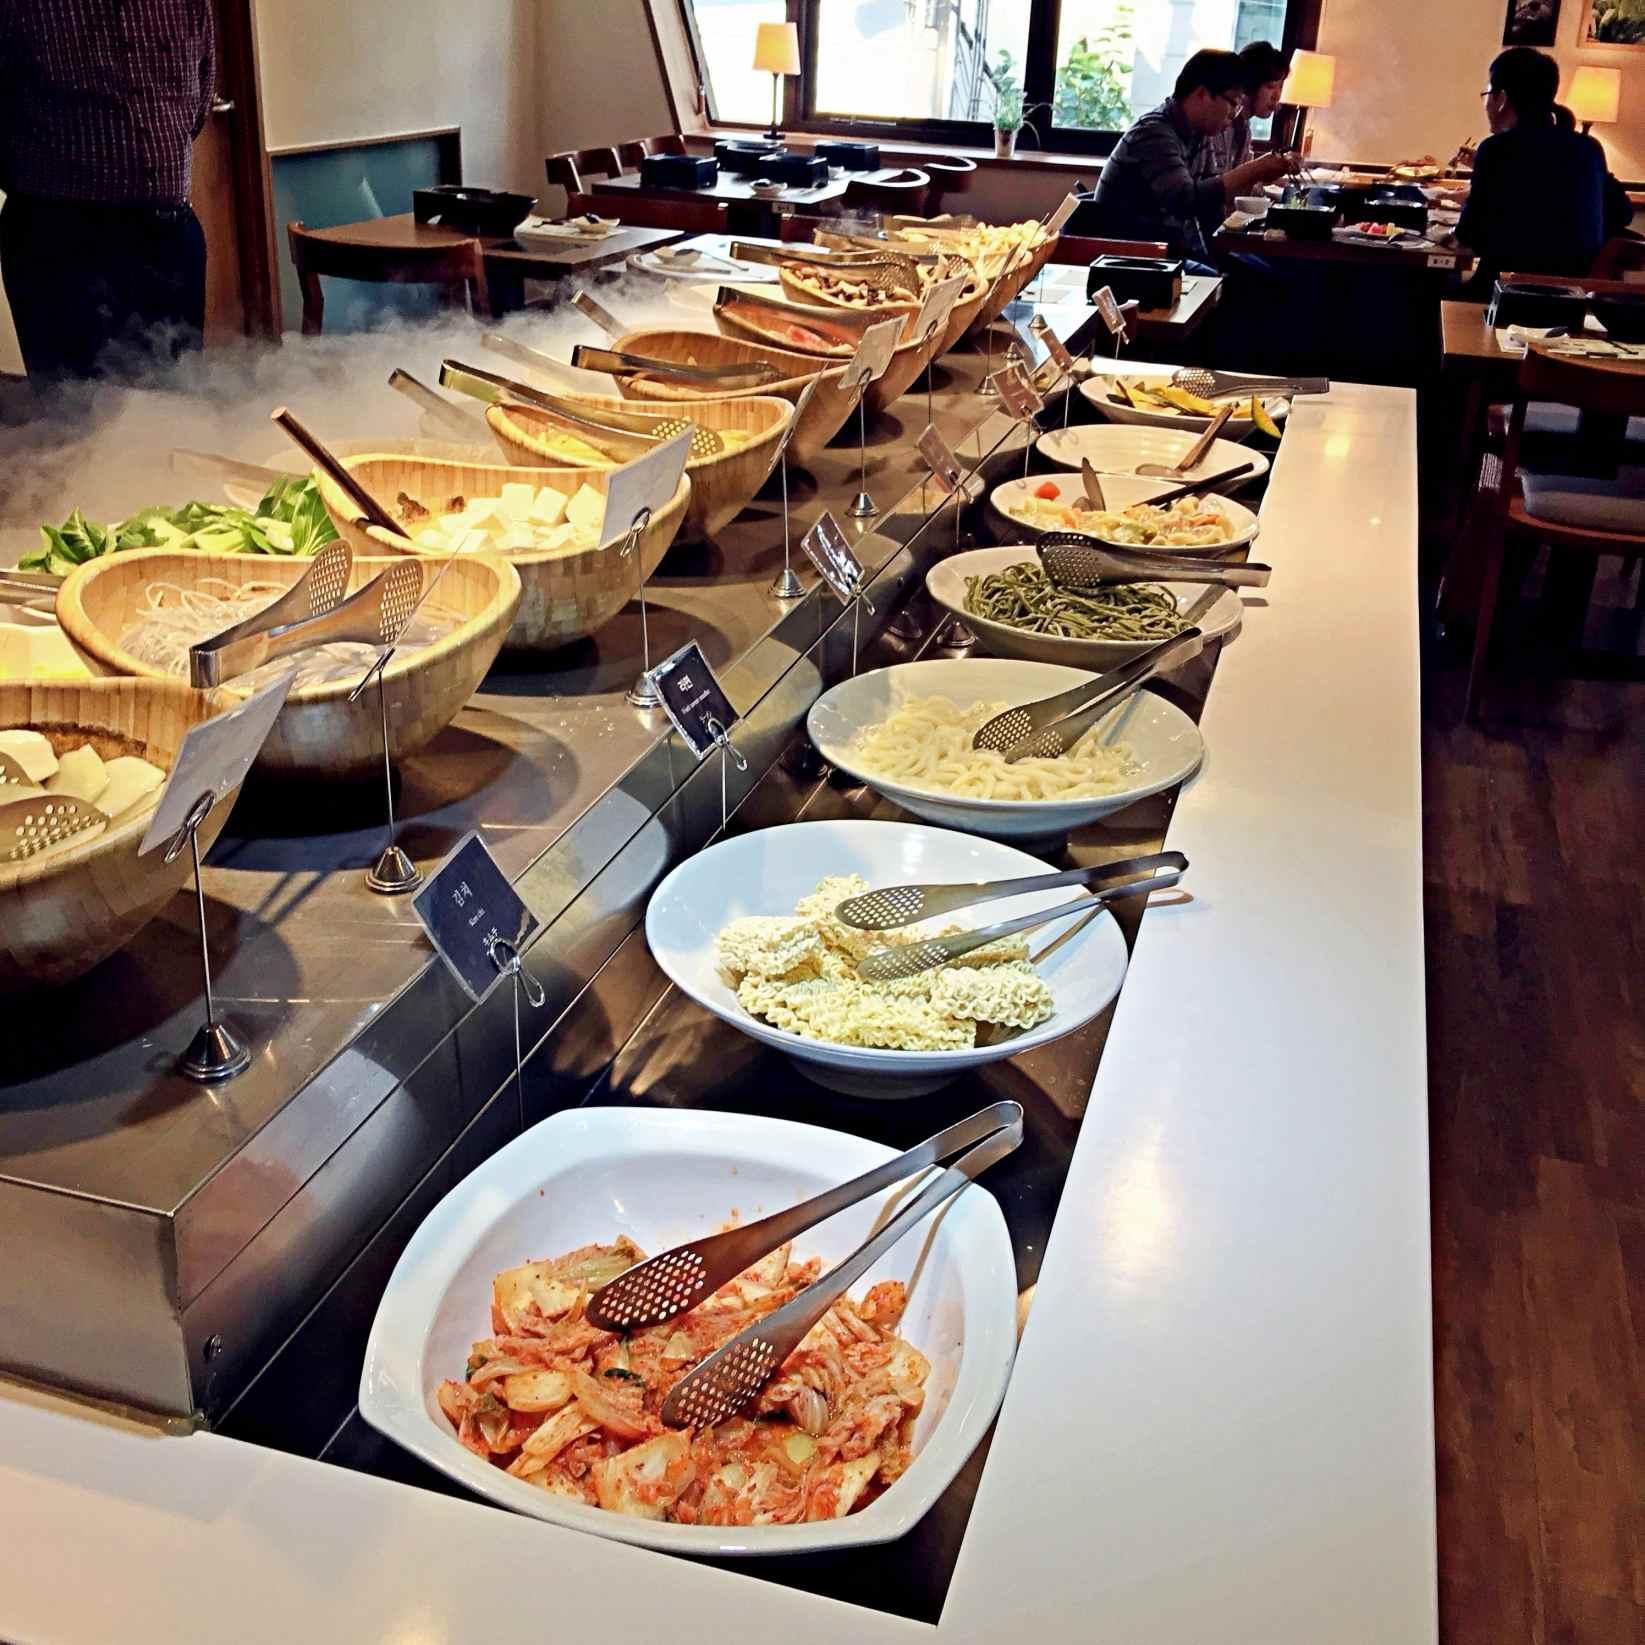 韓國人吃什麼都要配的泡菜也讓你無限夾滿夾好。